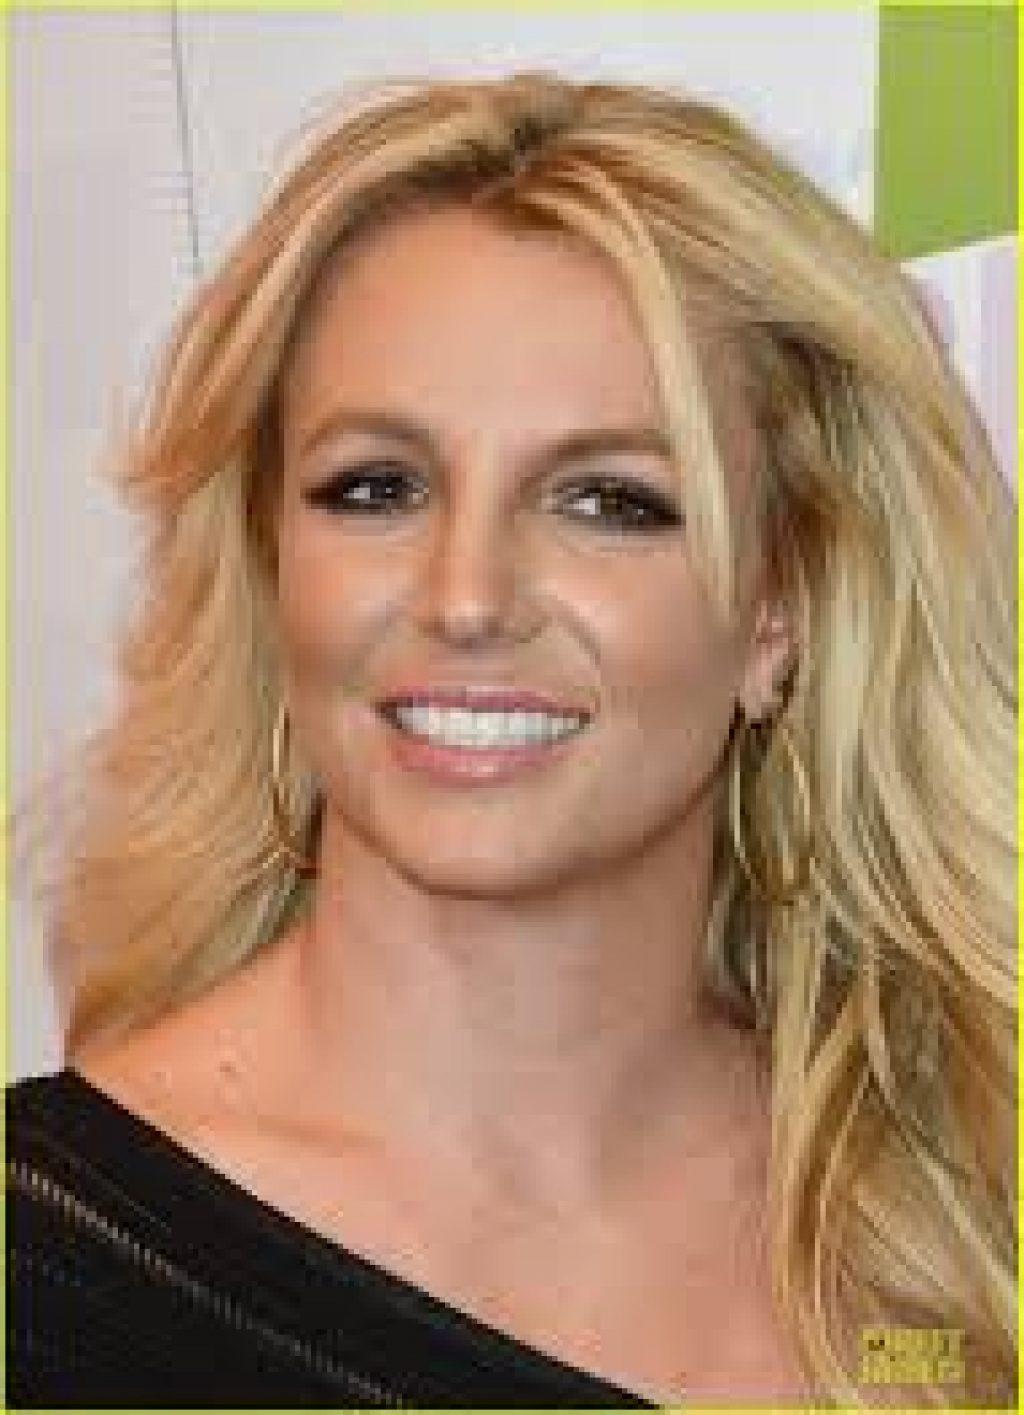 Hört sie bald auf? Britney Spears c/o justjarde.com